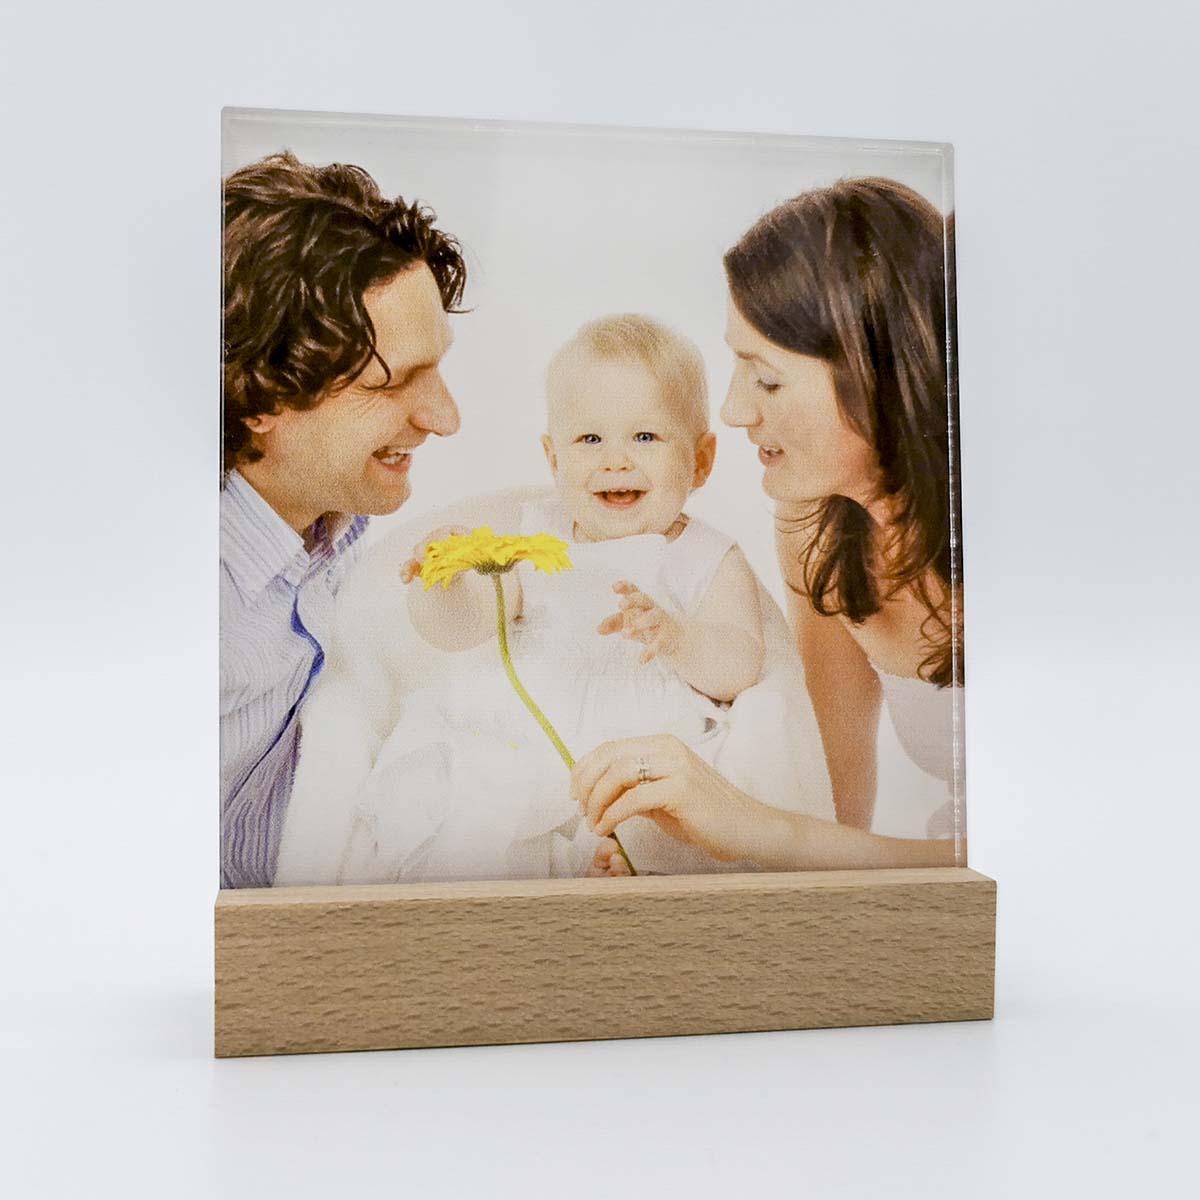 Fotodruck auf Acrylglas mit Buchenholz Sockel